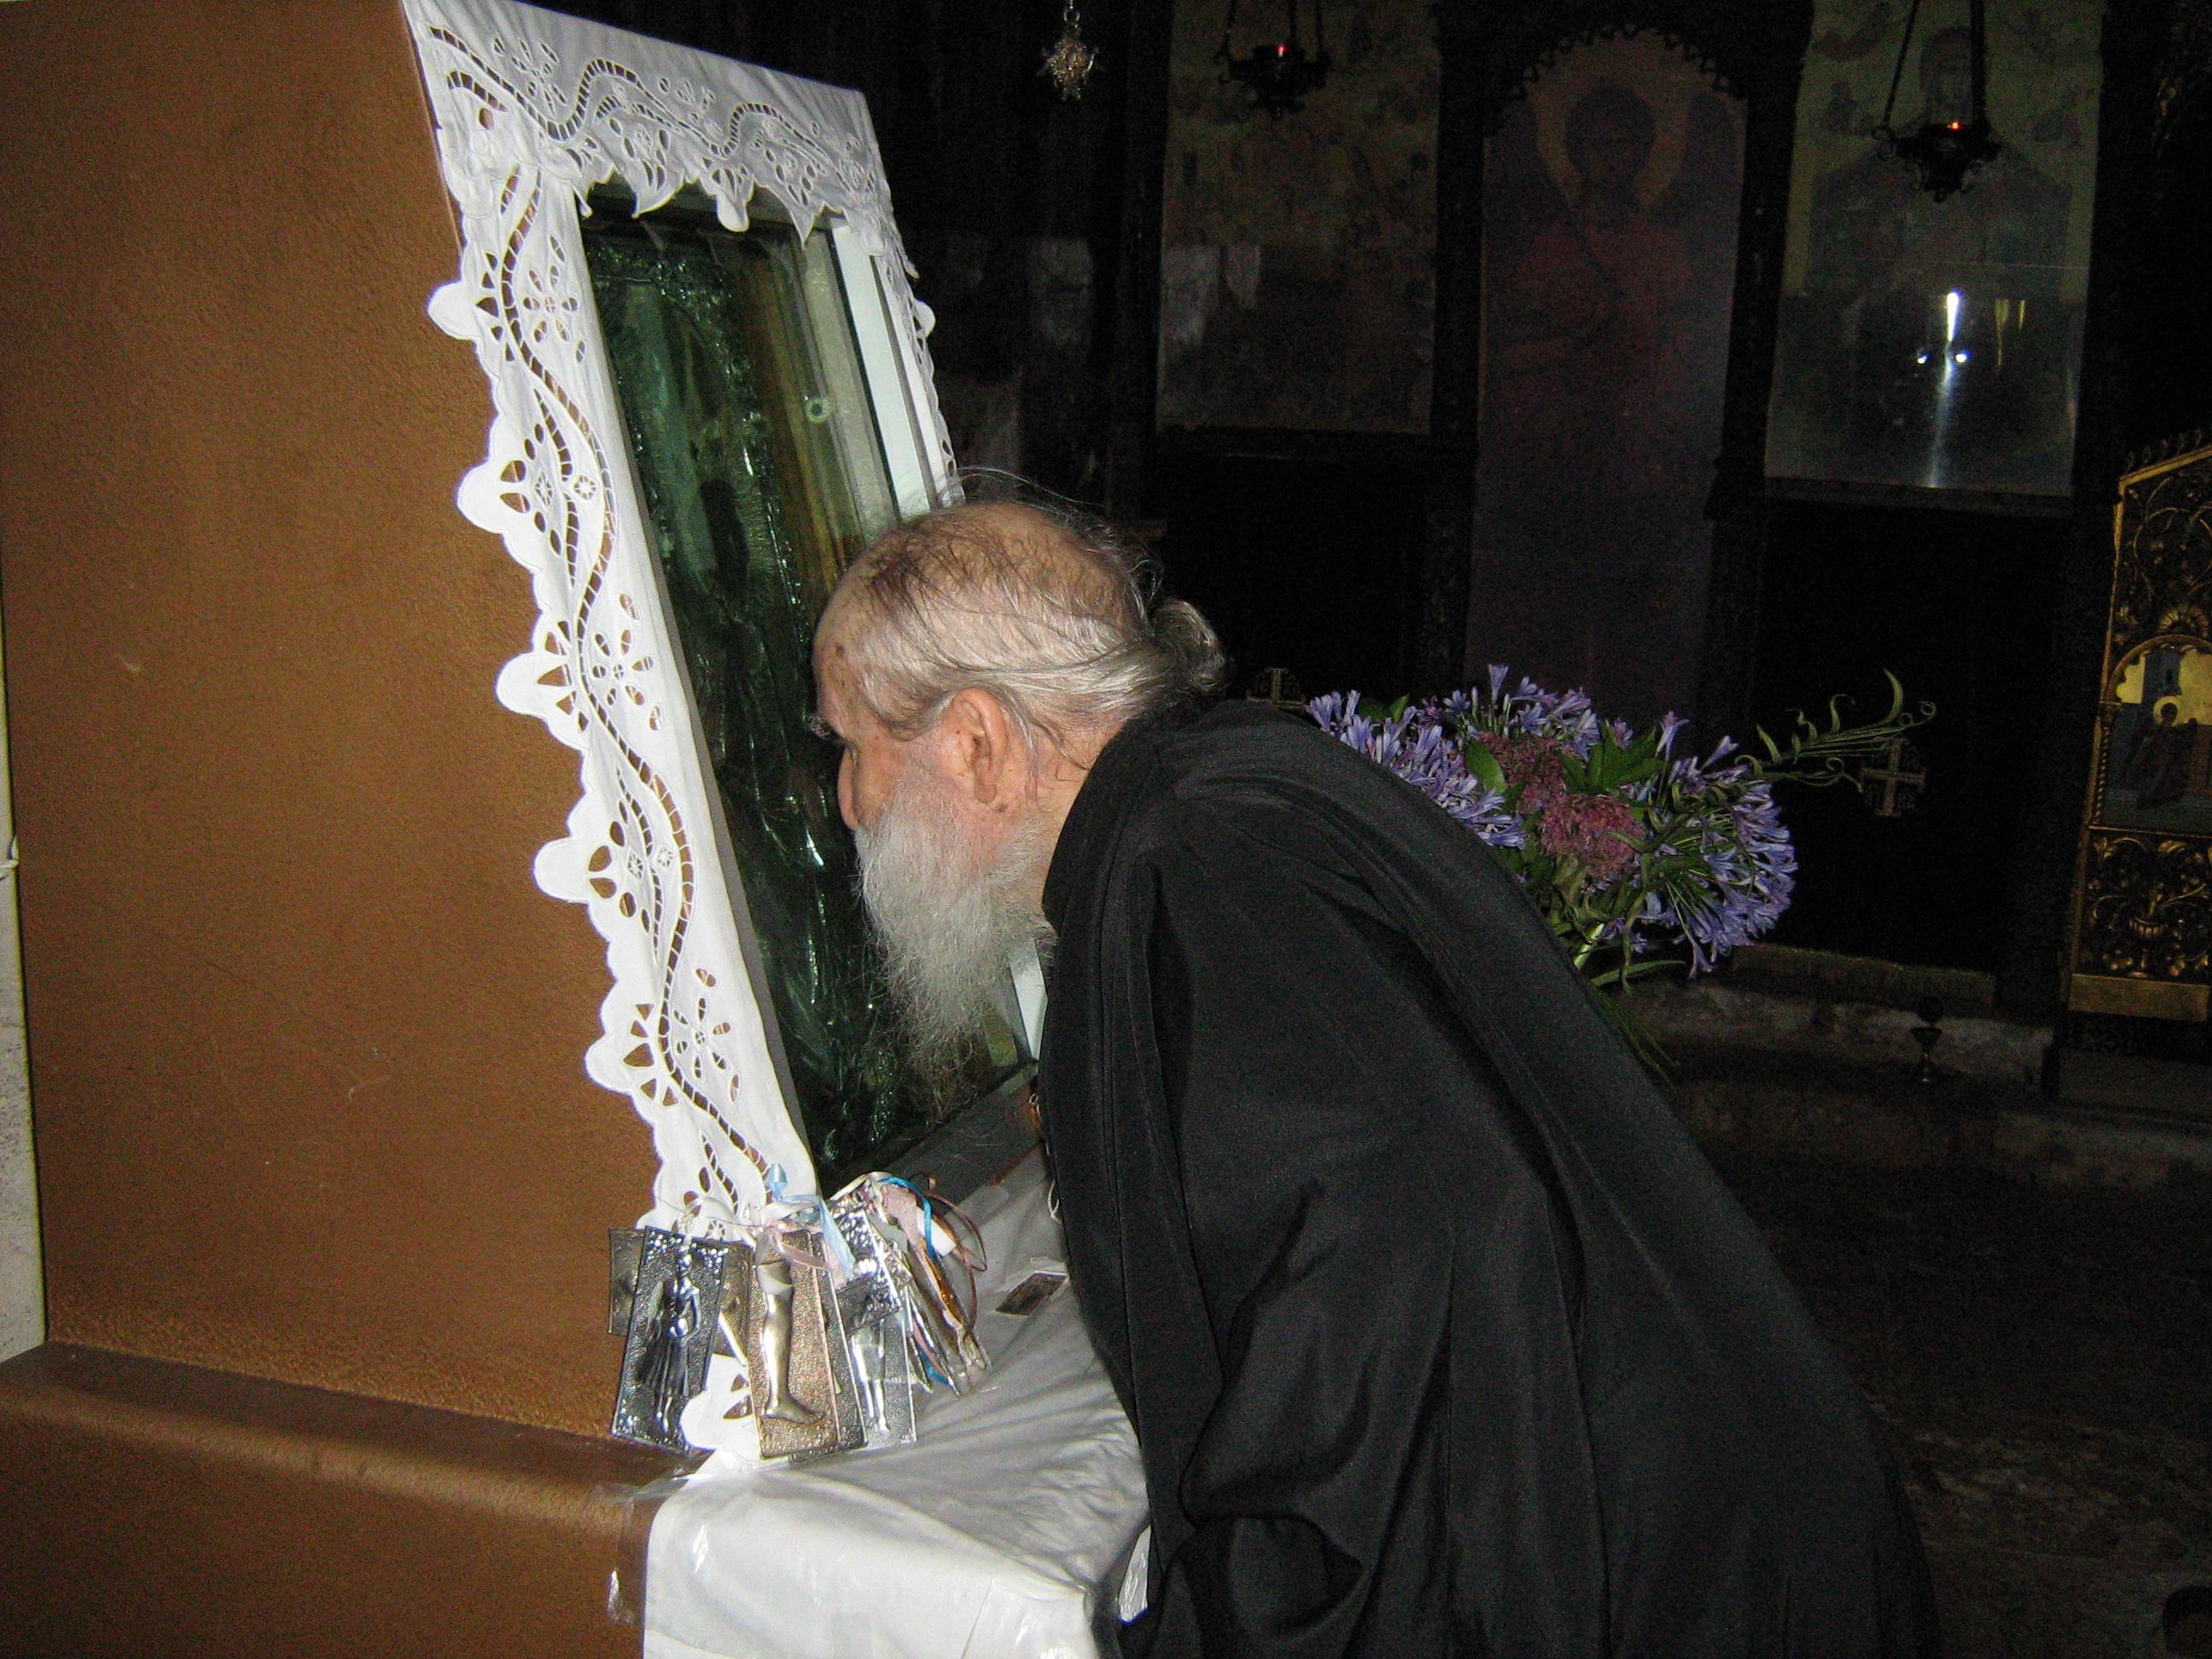 Ο Γέροντας Ιωσήφ προσκυνά την εικόνα της Παναγίας Αγνούντας.